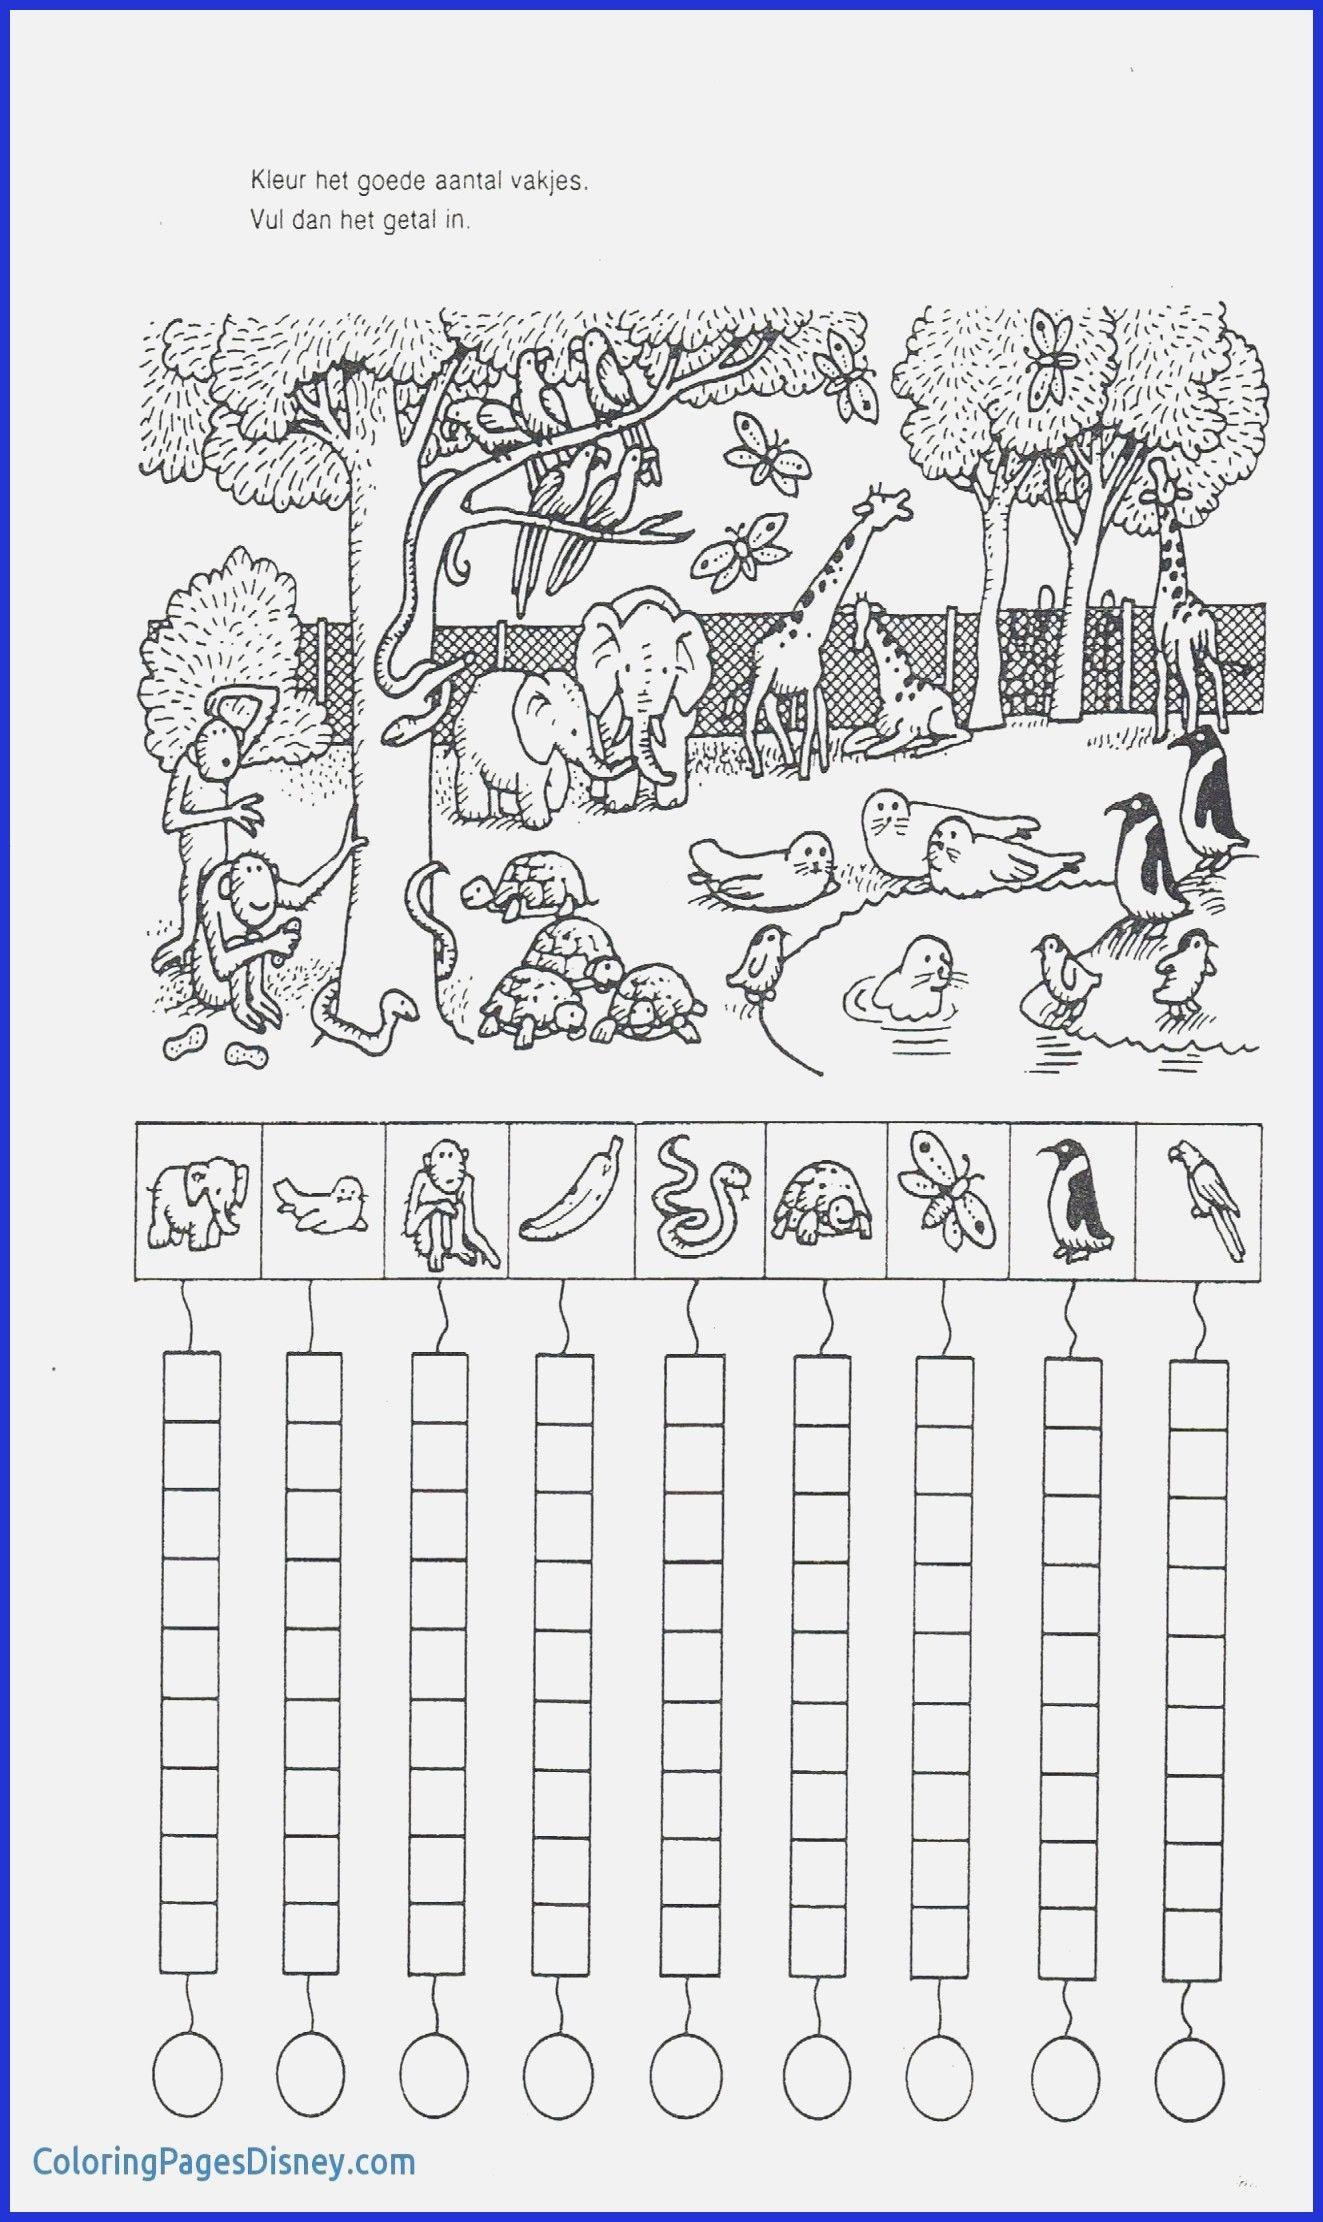 Worksheets For Preschool For Download